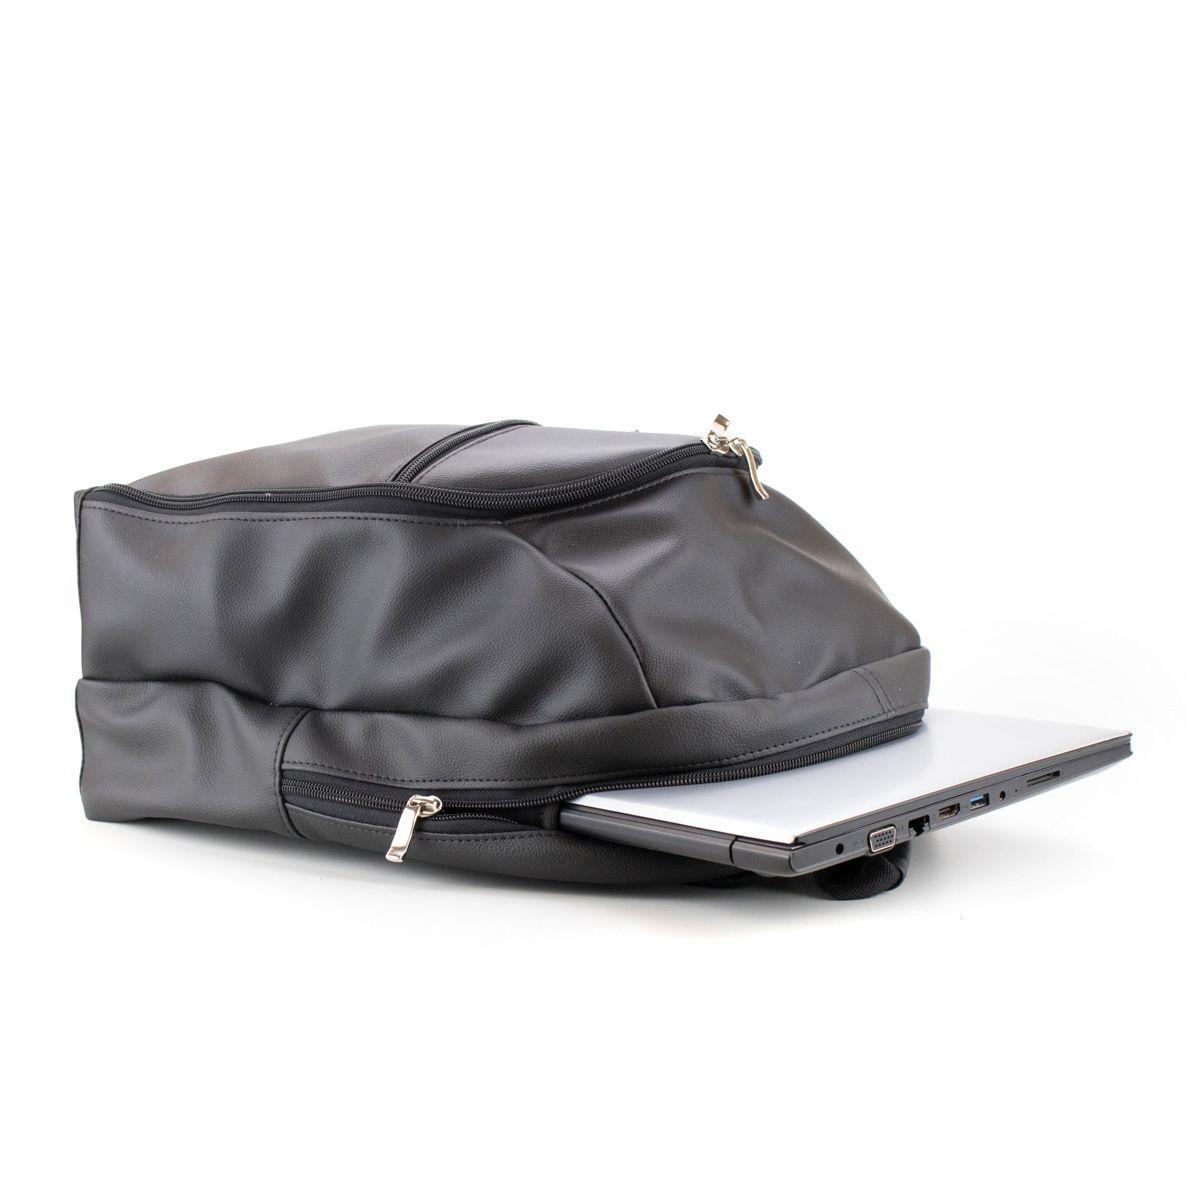 Mateira Mochila para chimarrão - Mtebag - Corino Preta com divisória de notebook